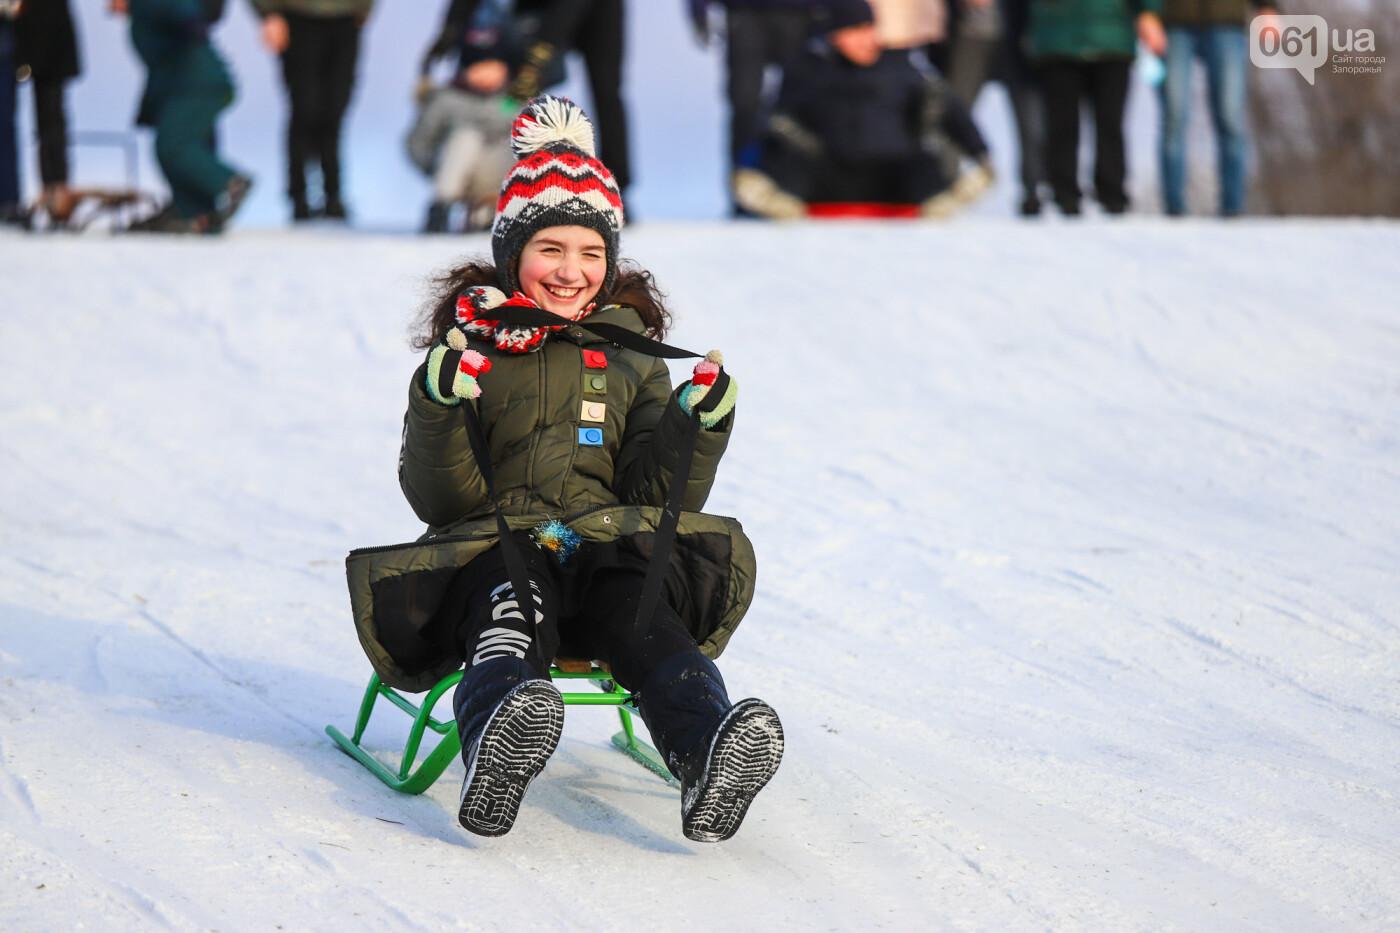 На санках, лыжах и сноуборде: запорожцы устроили массовое катание с горок в Вознесеновском парке, - ФОТОРЕПОРТАЖ, фото-61